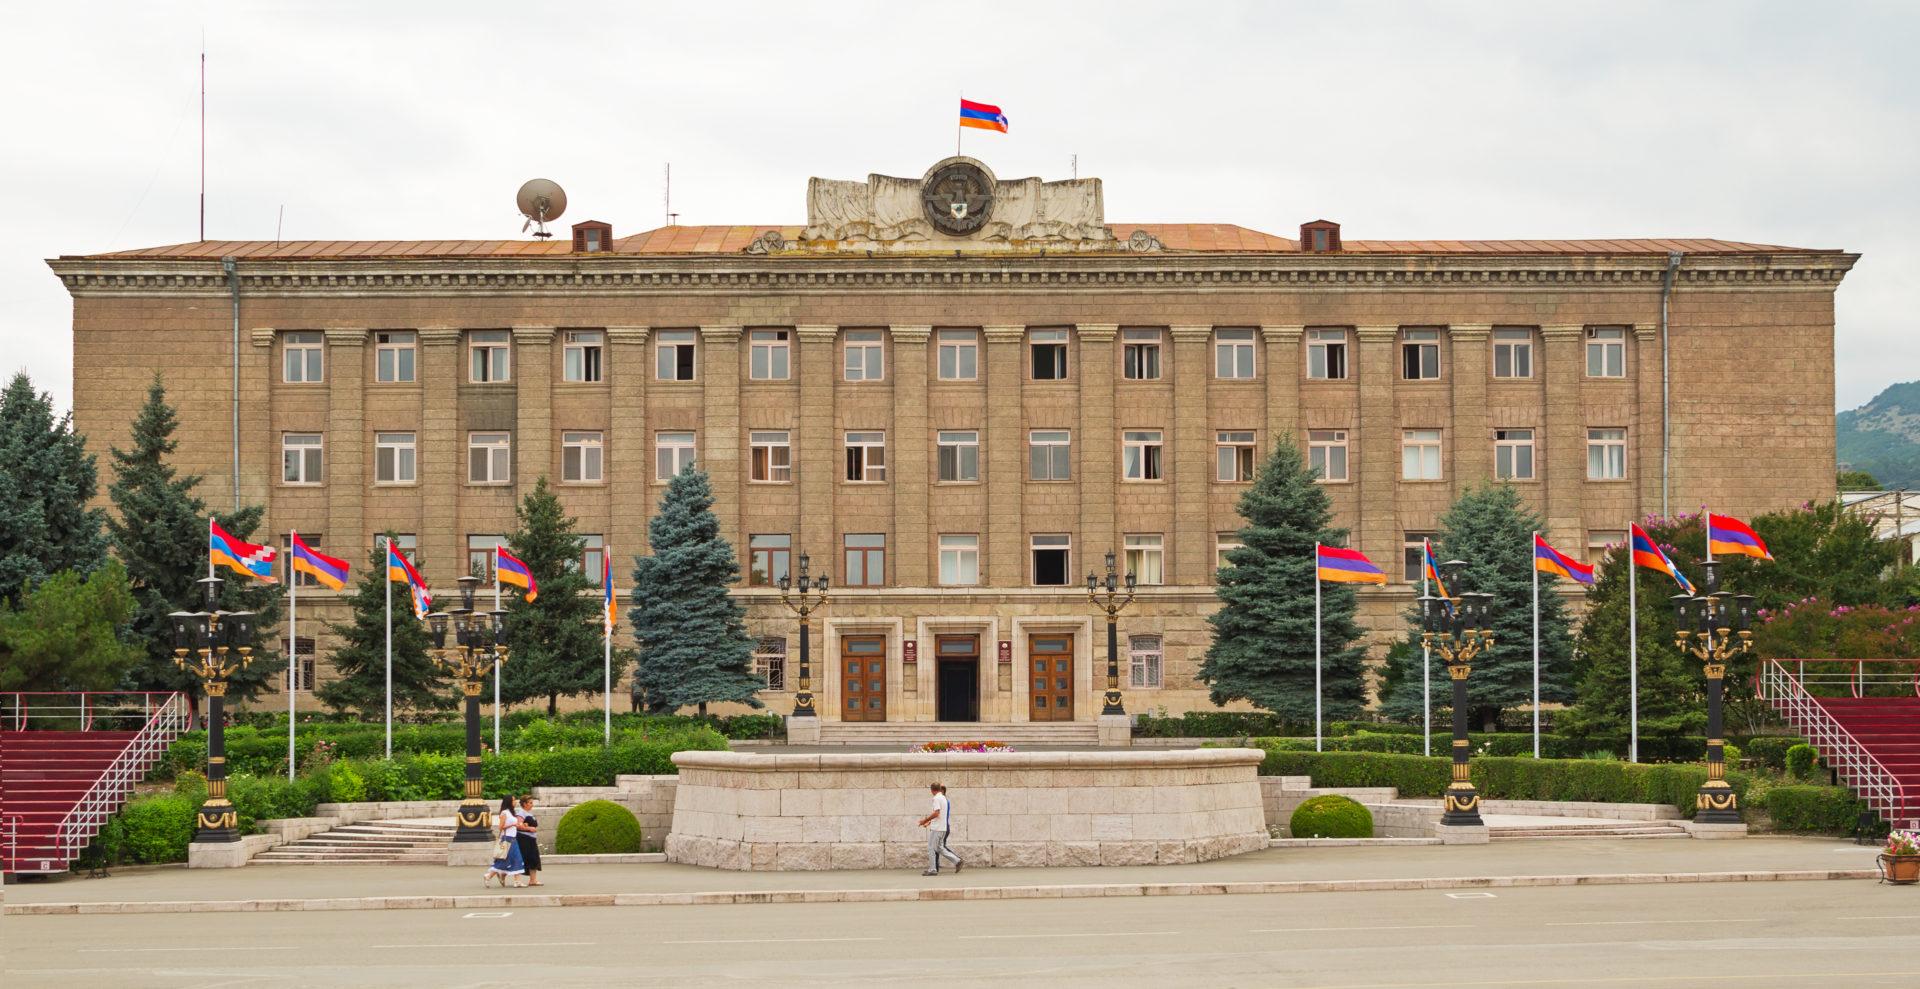 ナゴルノ・カラバフの建物